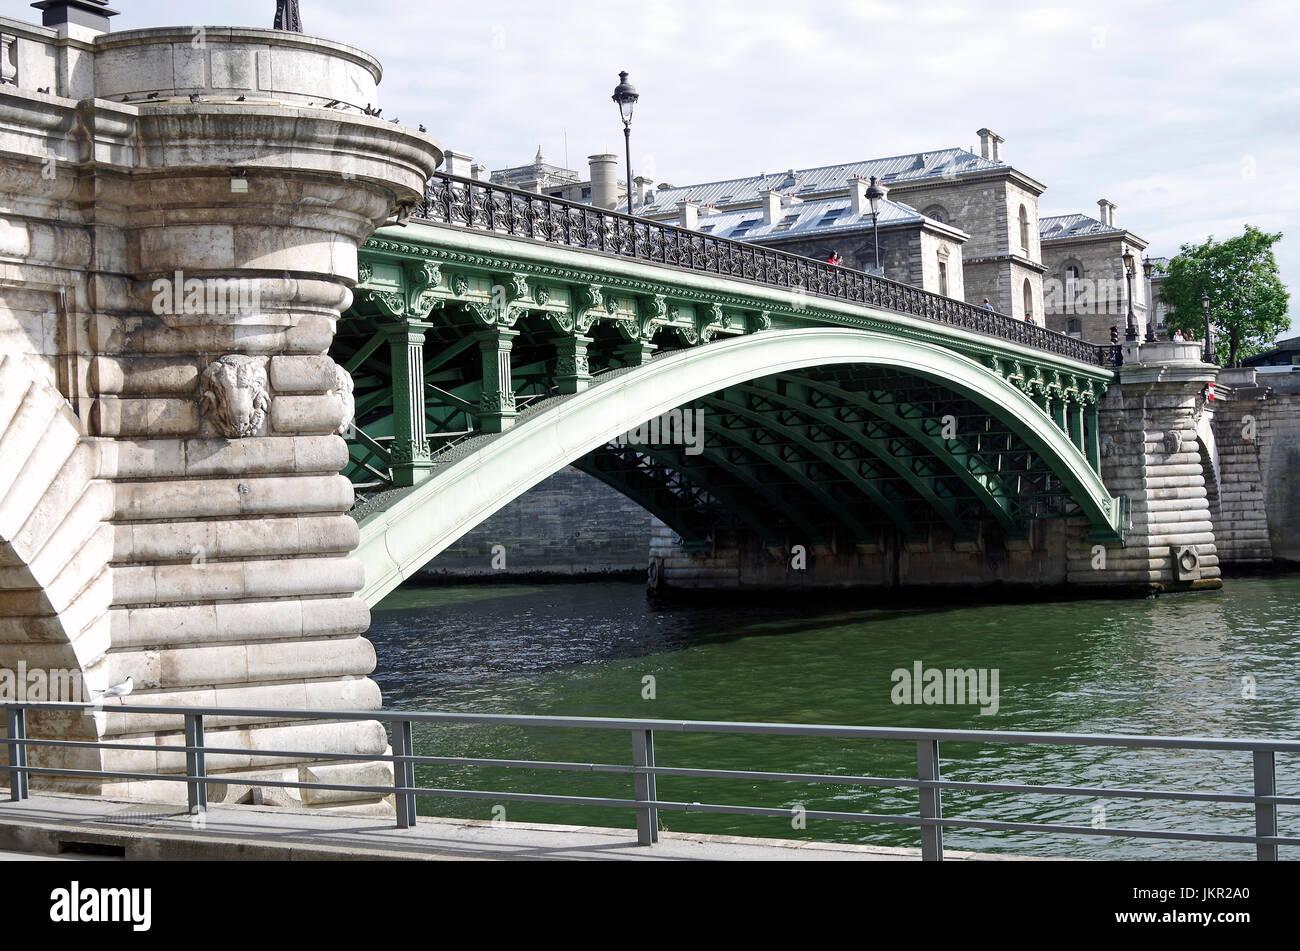 Paris, France, Pont Notre Dame, over the river Seine, linking the Right Bank at Quai de Gesvres to Ile de la Cité, Stock Photo